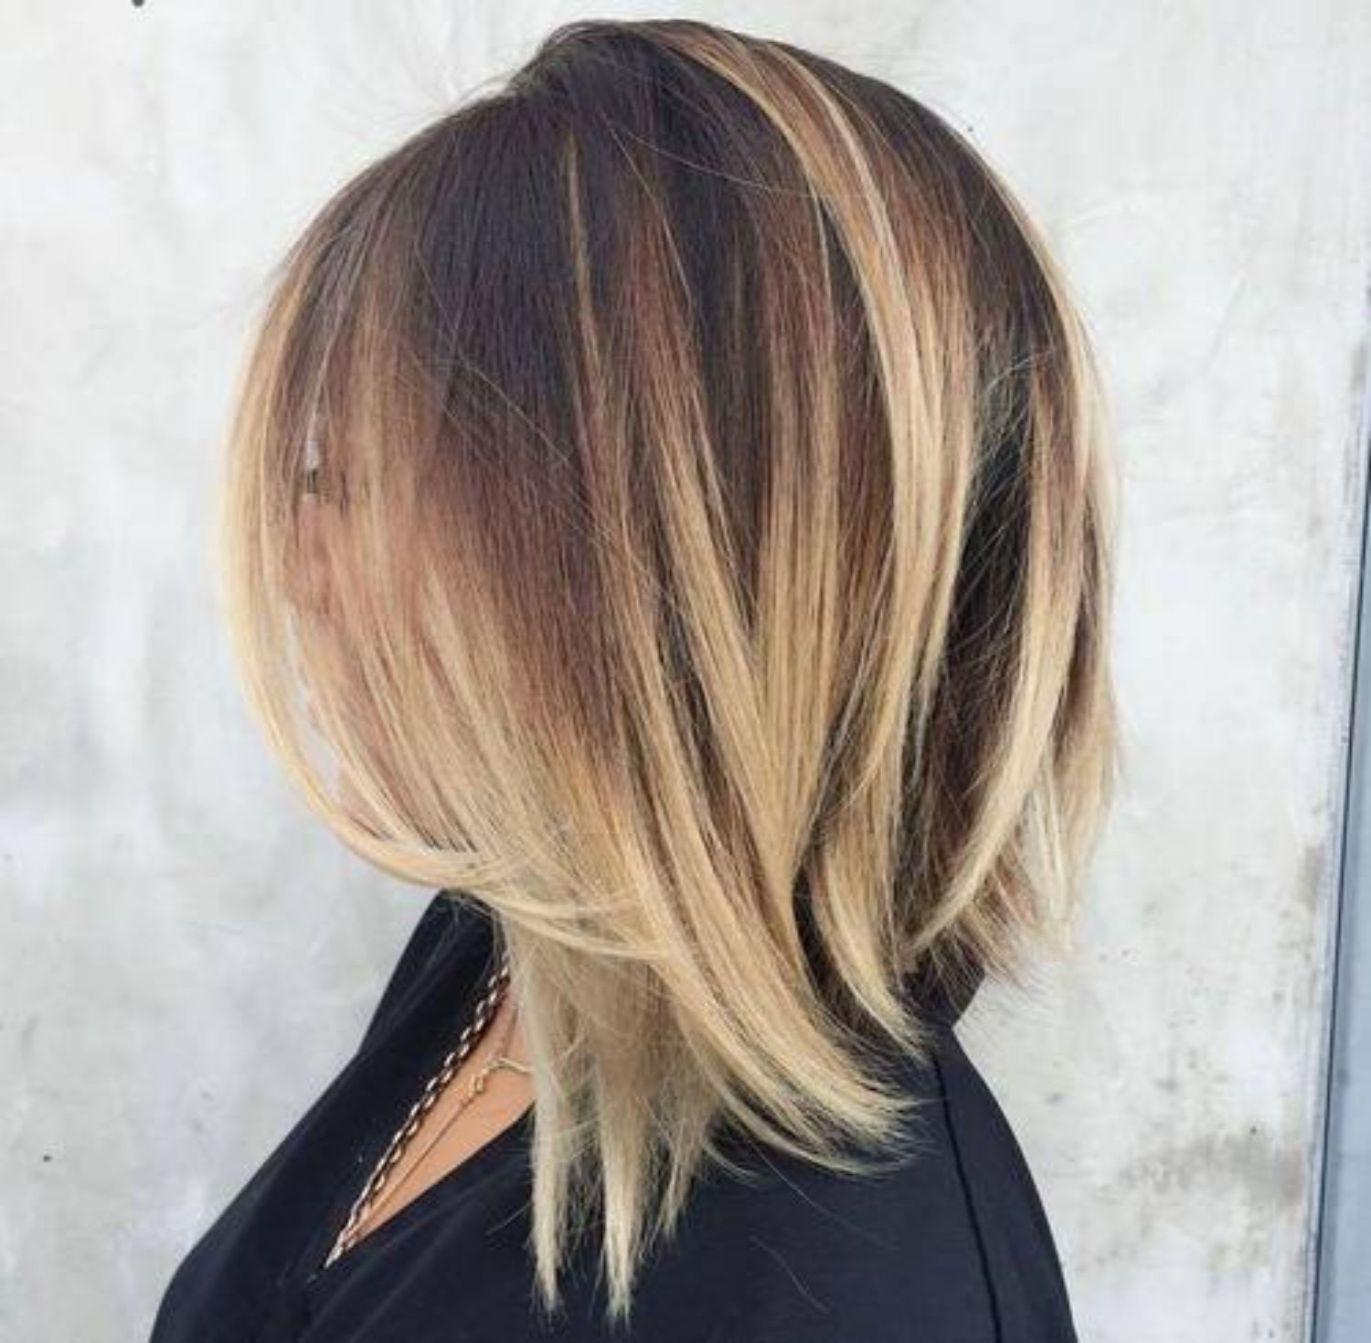 60 Inspiring Long Bob Hairstyles And Haircuts Hair Styles Short